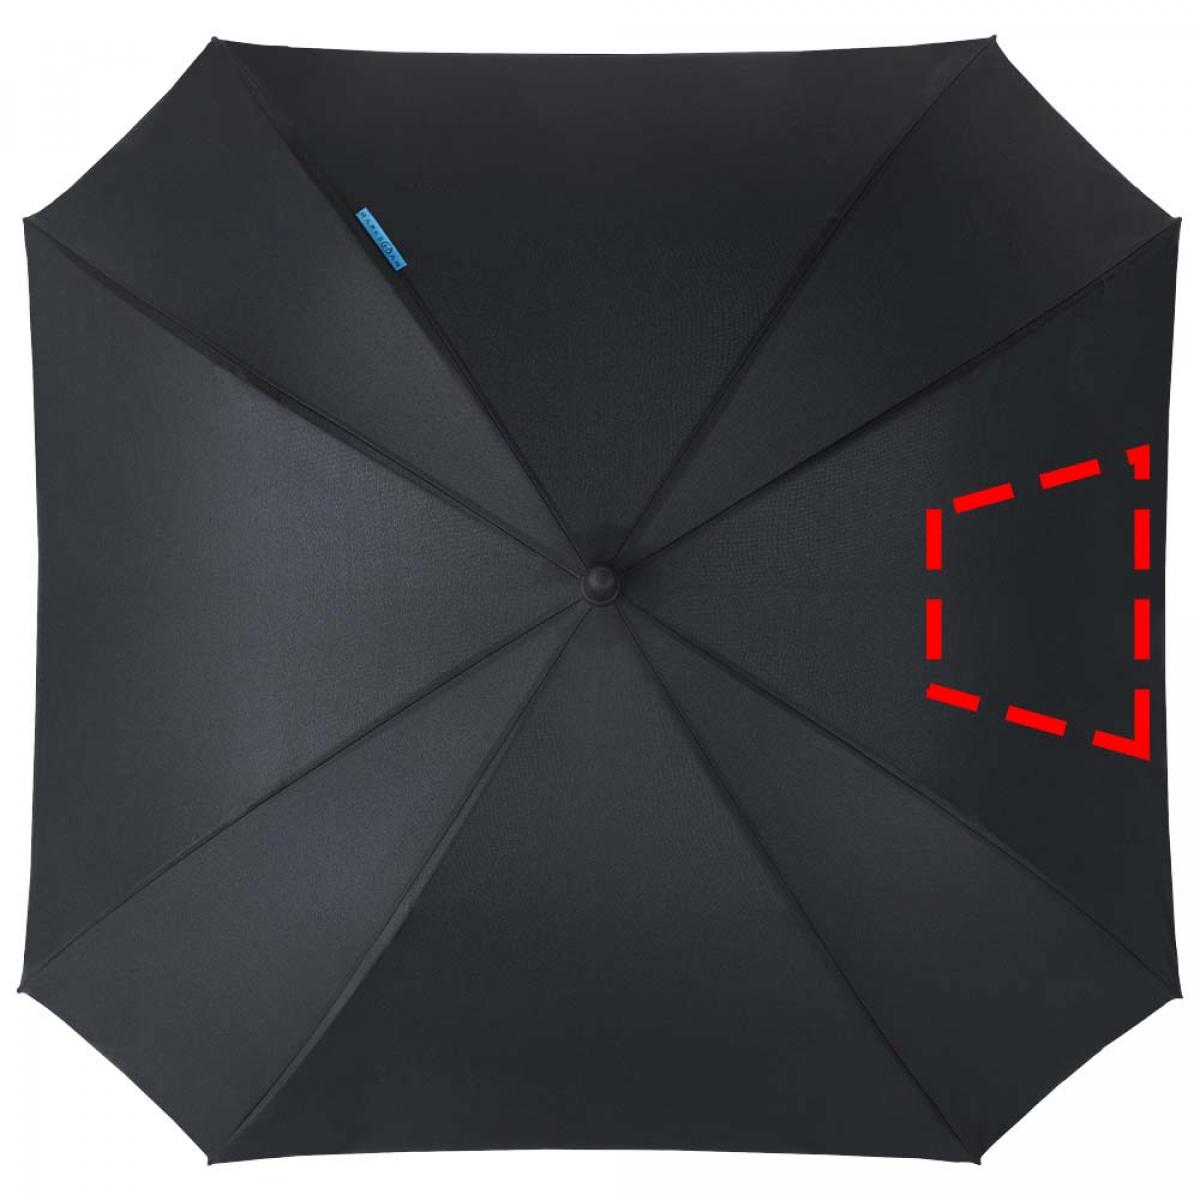 Vierkante paraplu dubbellaags - 3de grote paneel